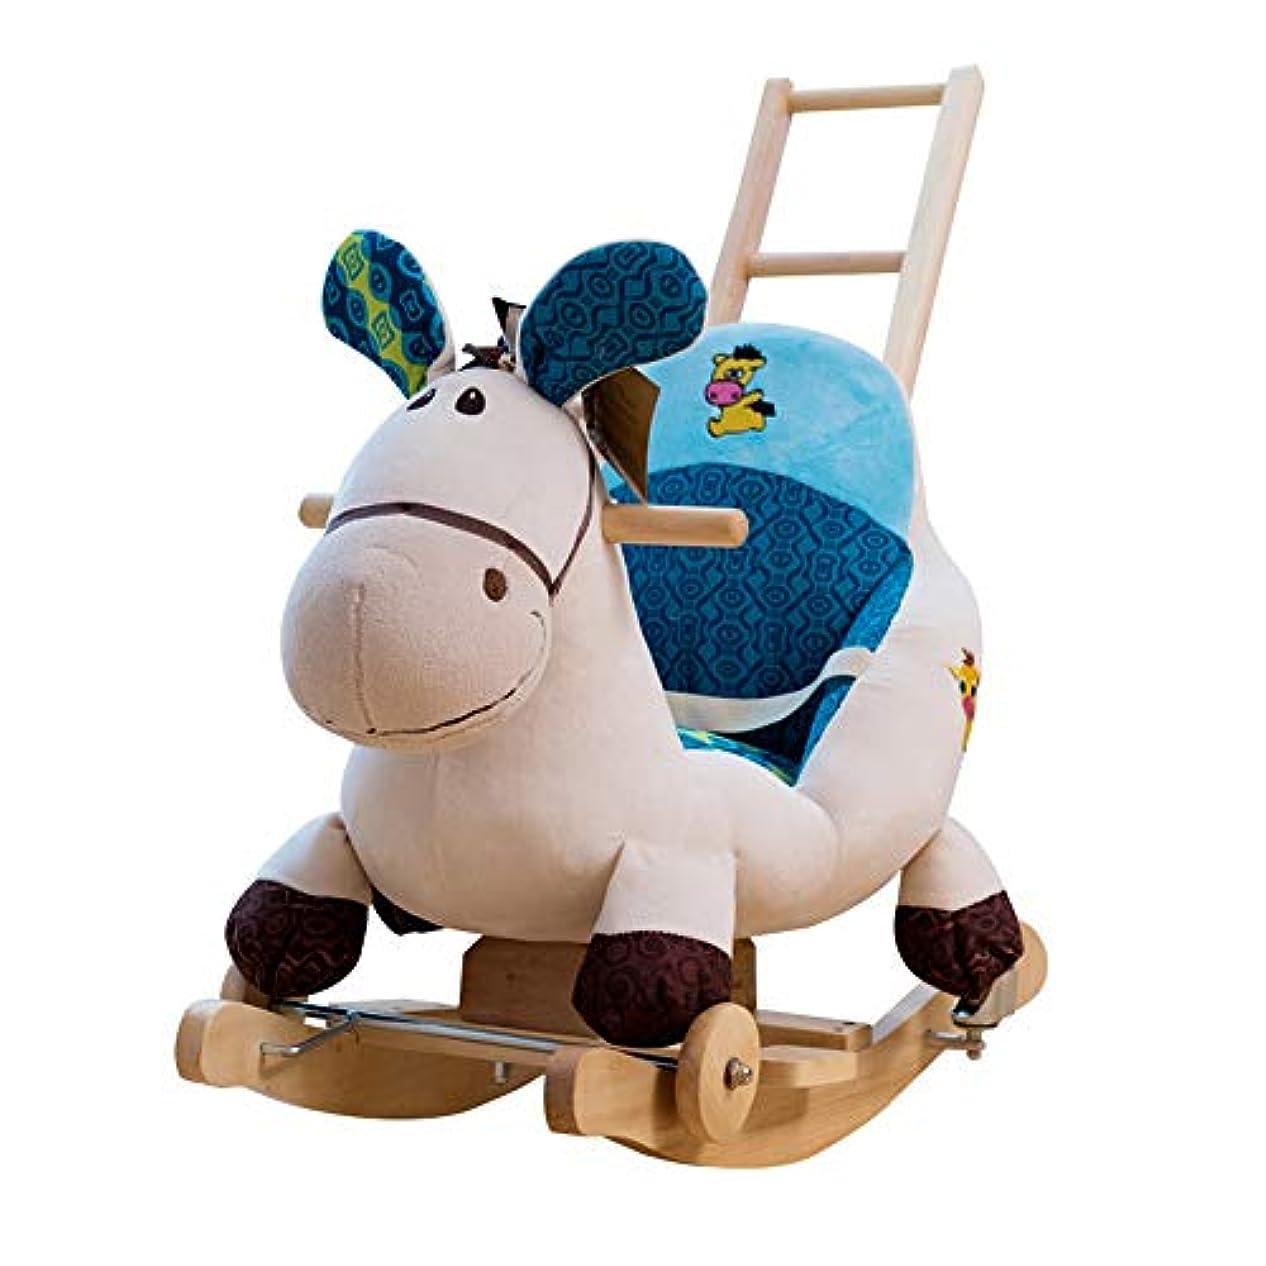 交換アレルギー性毎年揺り木馬 歌の子供ロッキングホースに乗ってロッキングホース頑丈な木製Constructure 子供部屋 (Color : White, Size : 33X65X80CM)